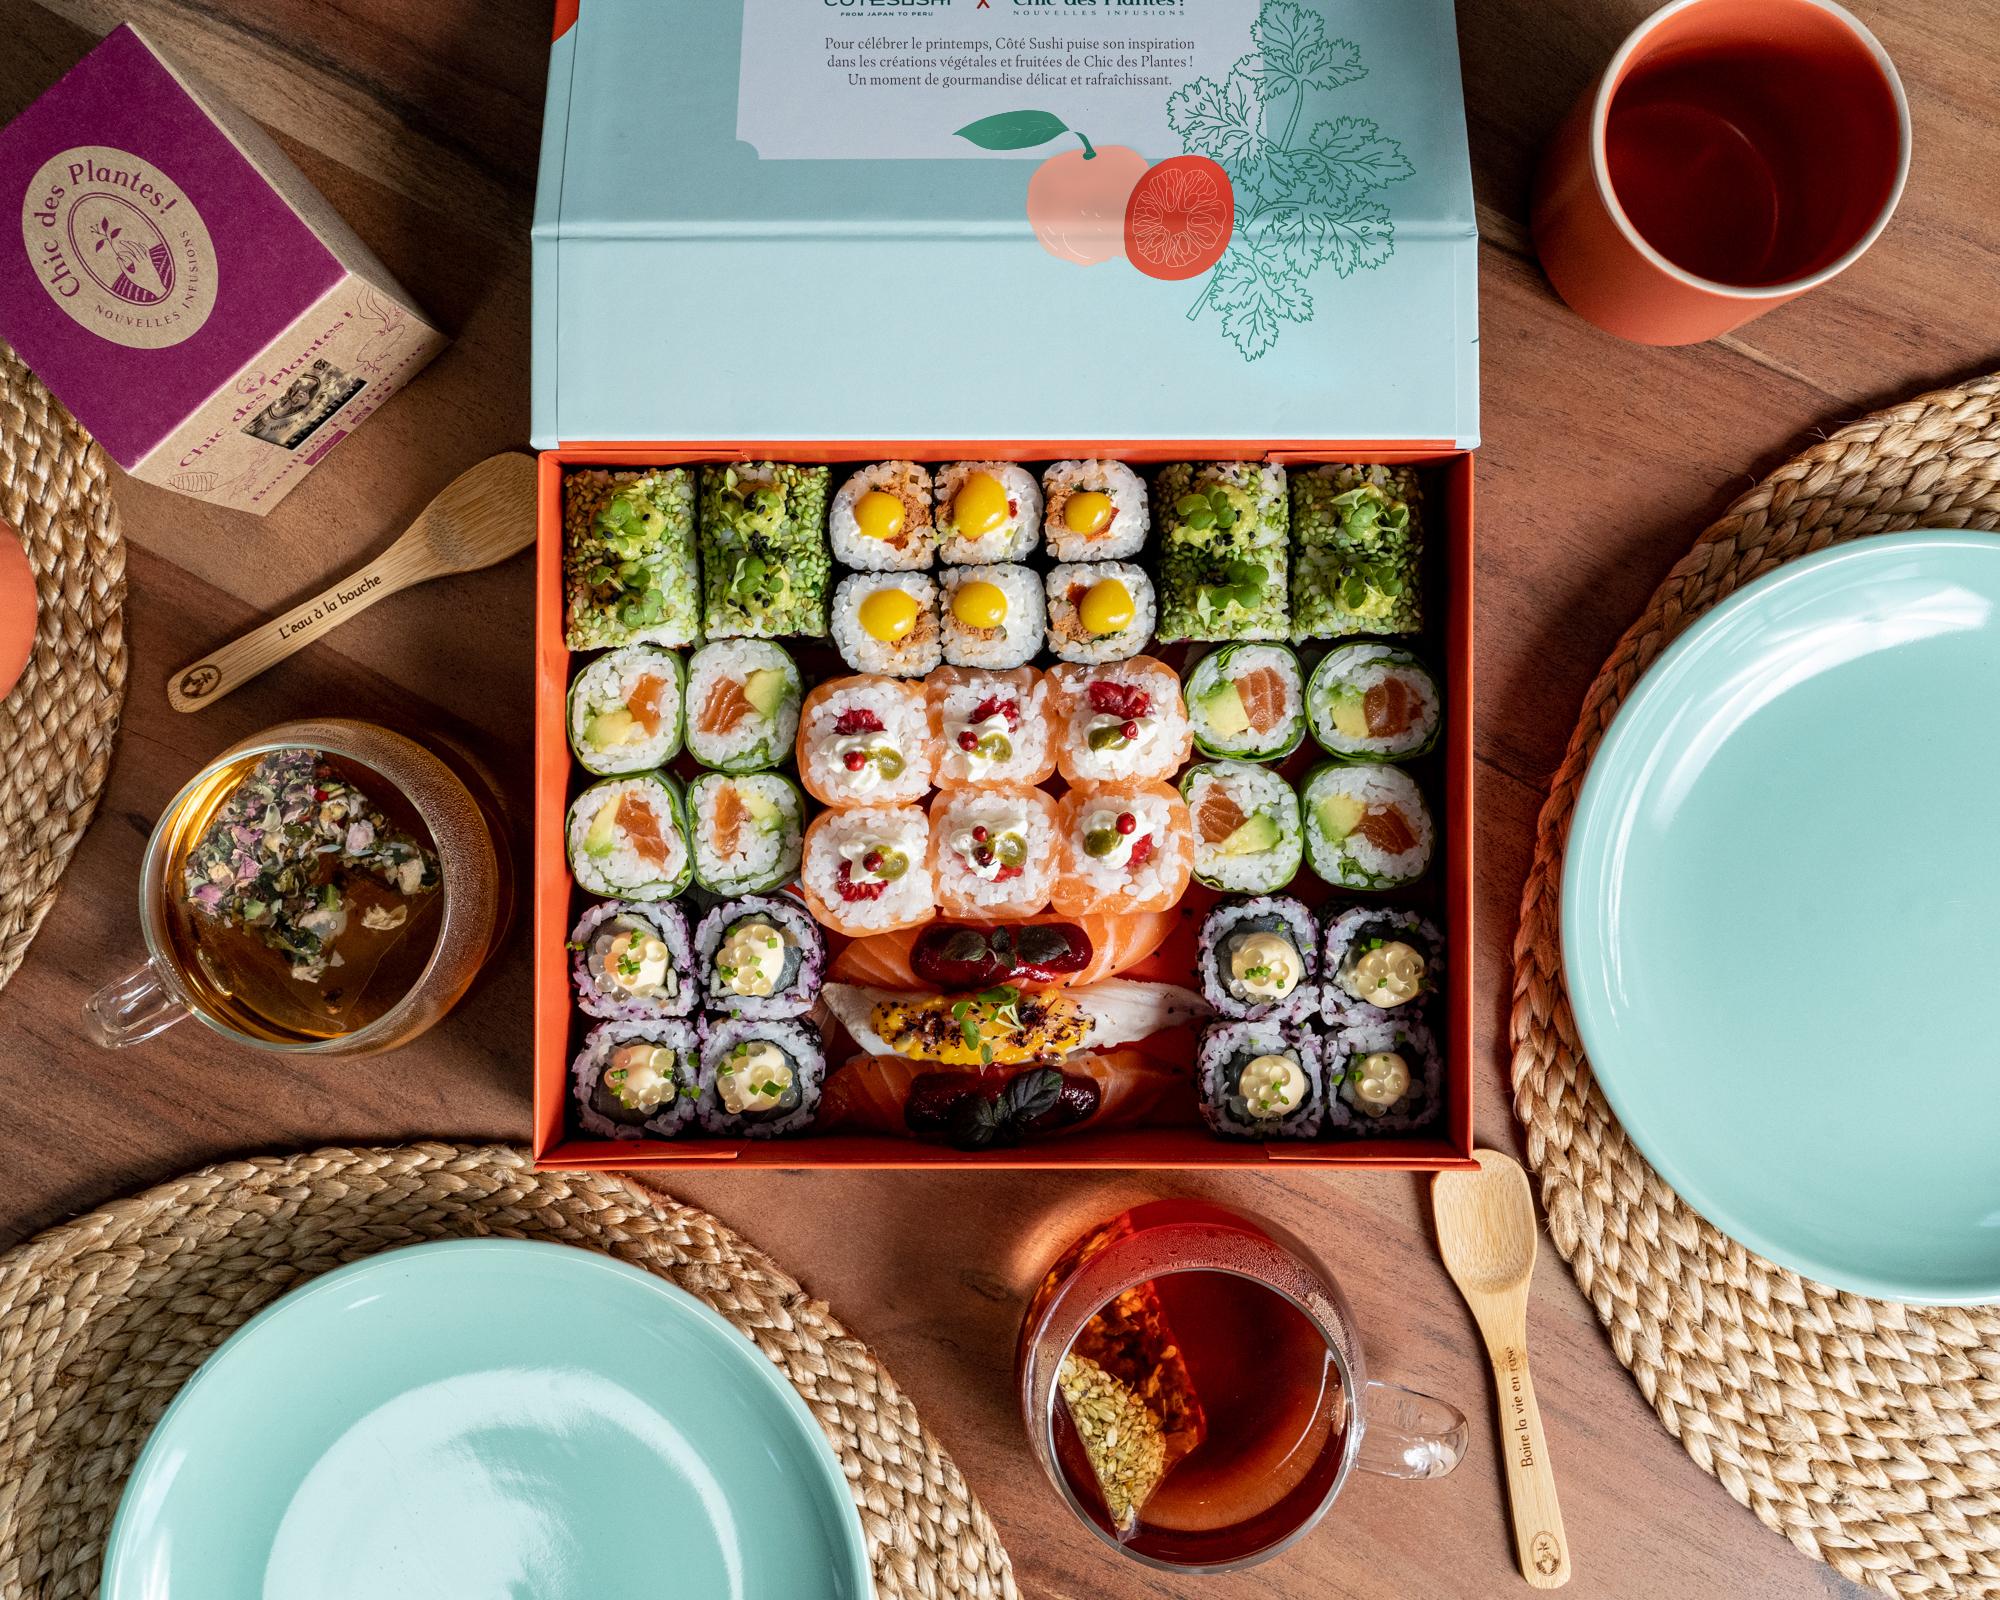 Cote Sushi 012021 Simon 5 ret - Quand l'exotisme de la cuisine nikkei rencontre l'univers végétal et fruité de Chic des Plantes !